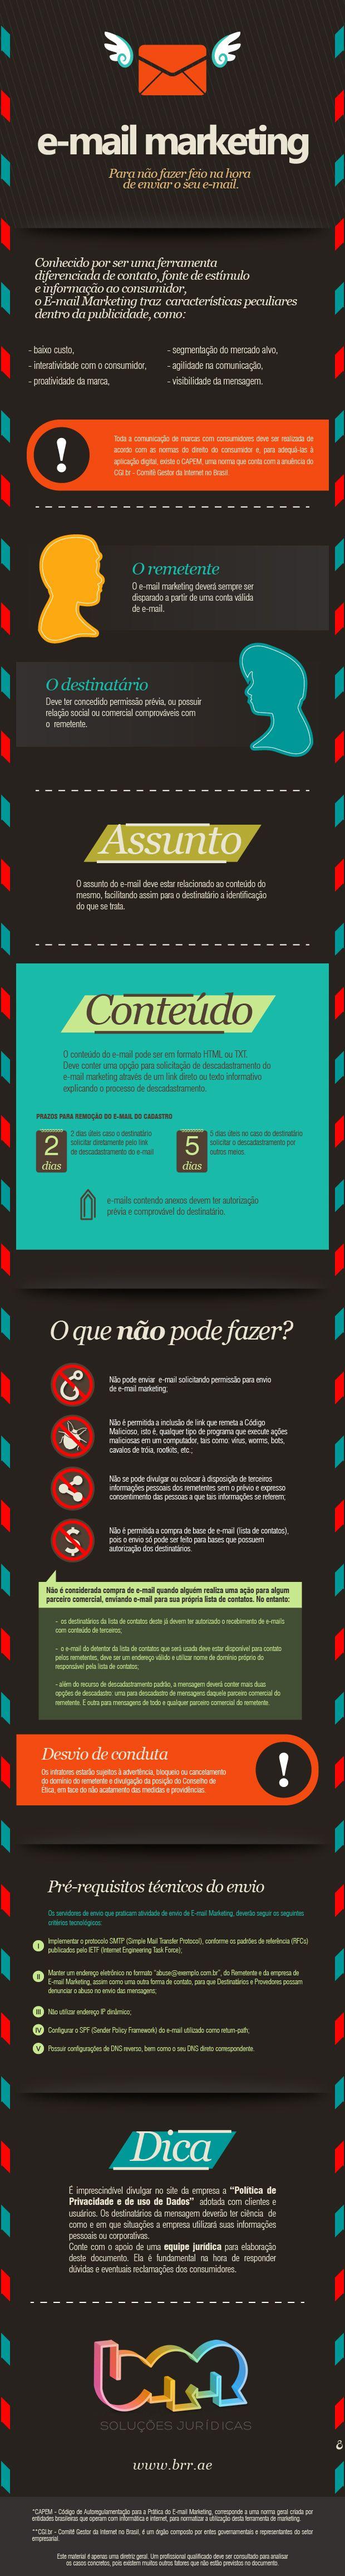 e-mail marketing - para não fazer feio! #infografico #emailmkt